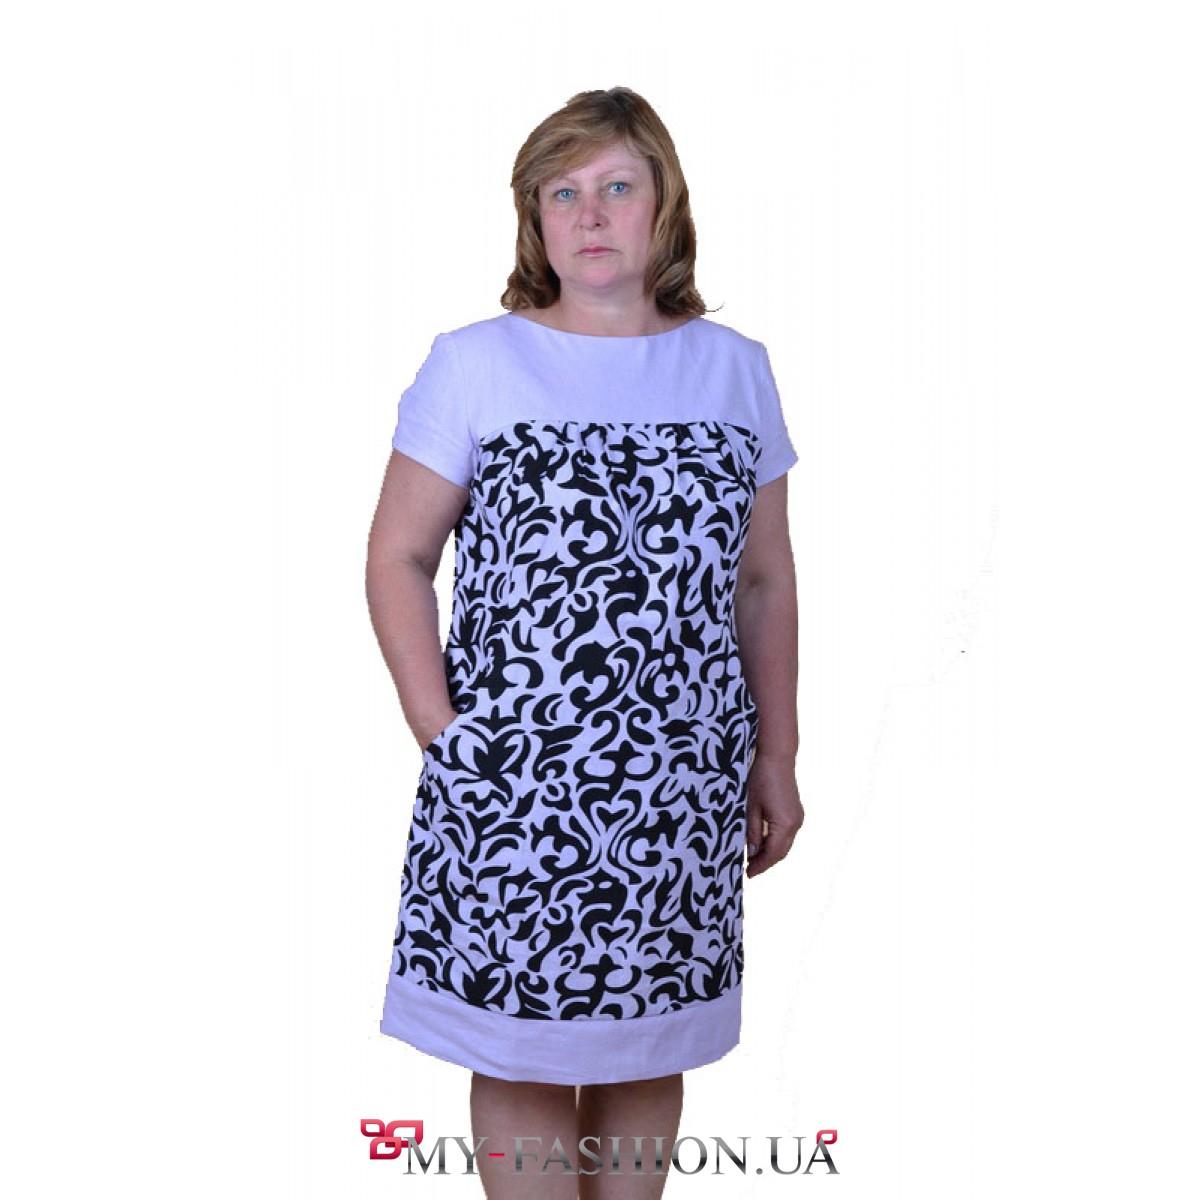 Платья туники большие размеры в украине